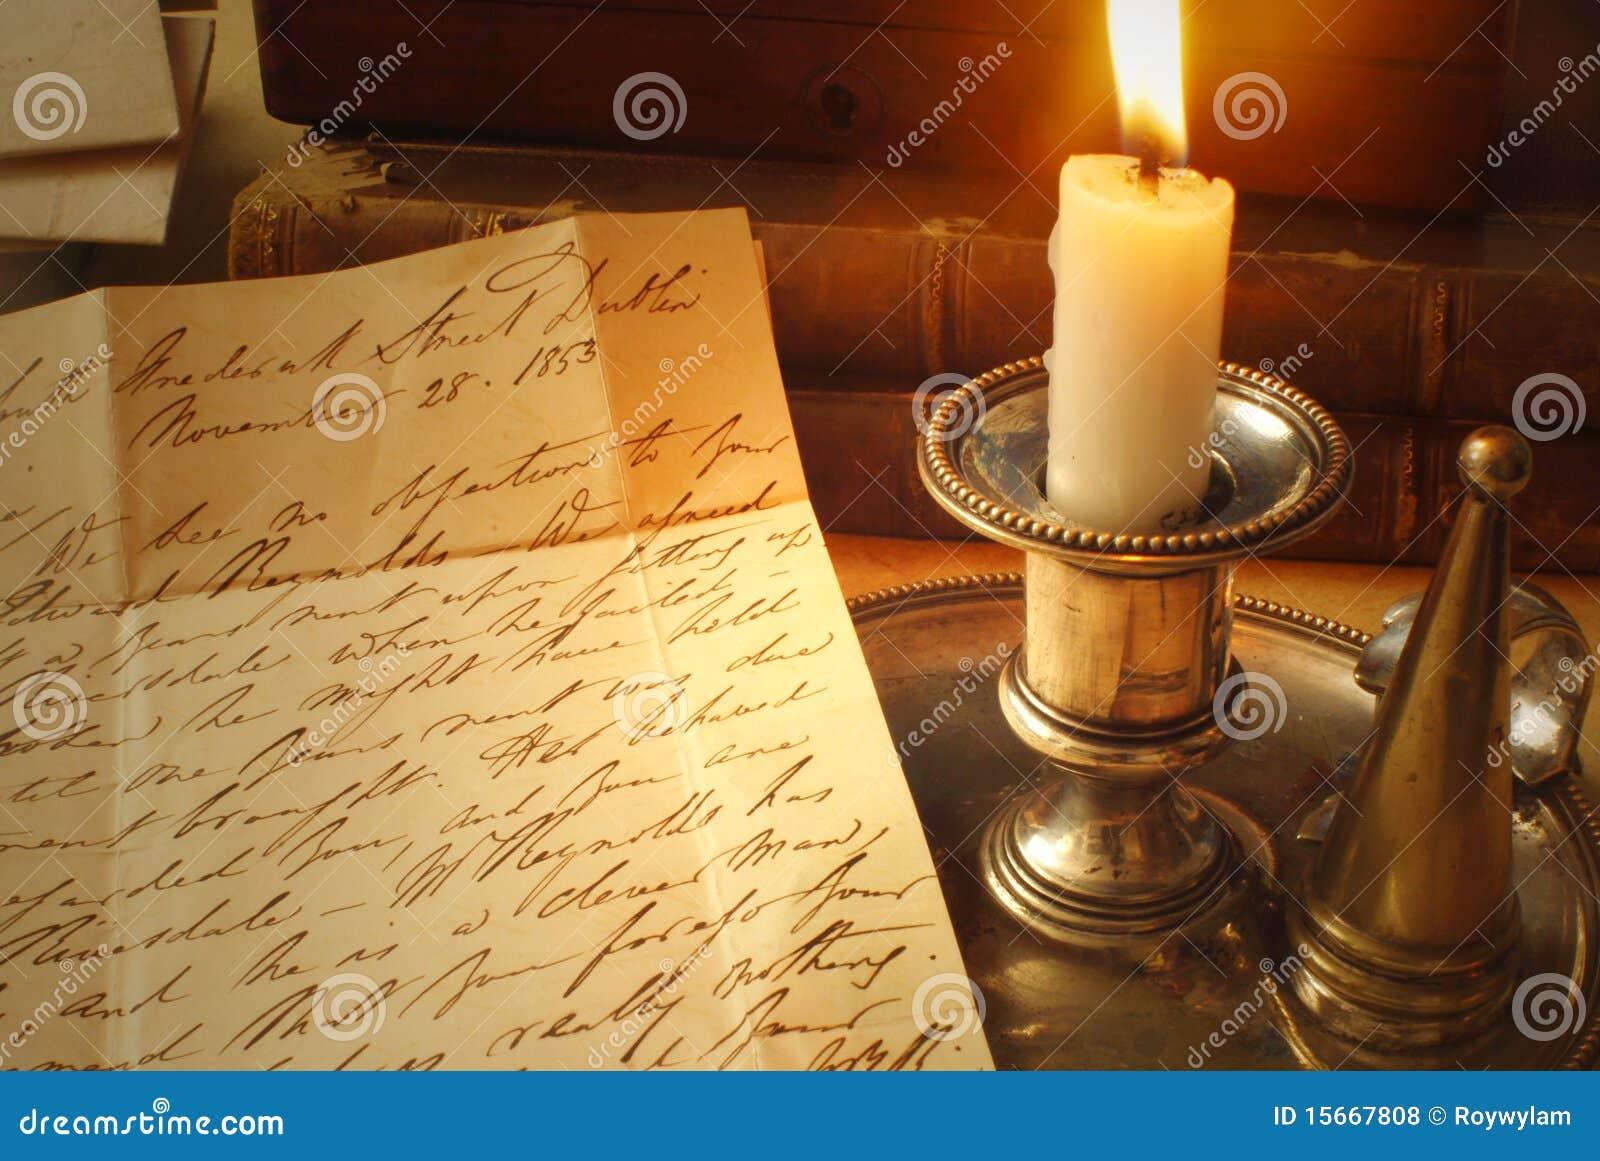 Oude Brieven En Kaars Elegant Handschrift Stock Foto